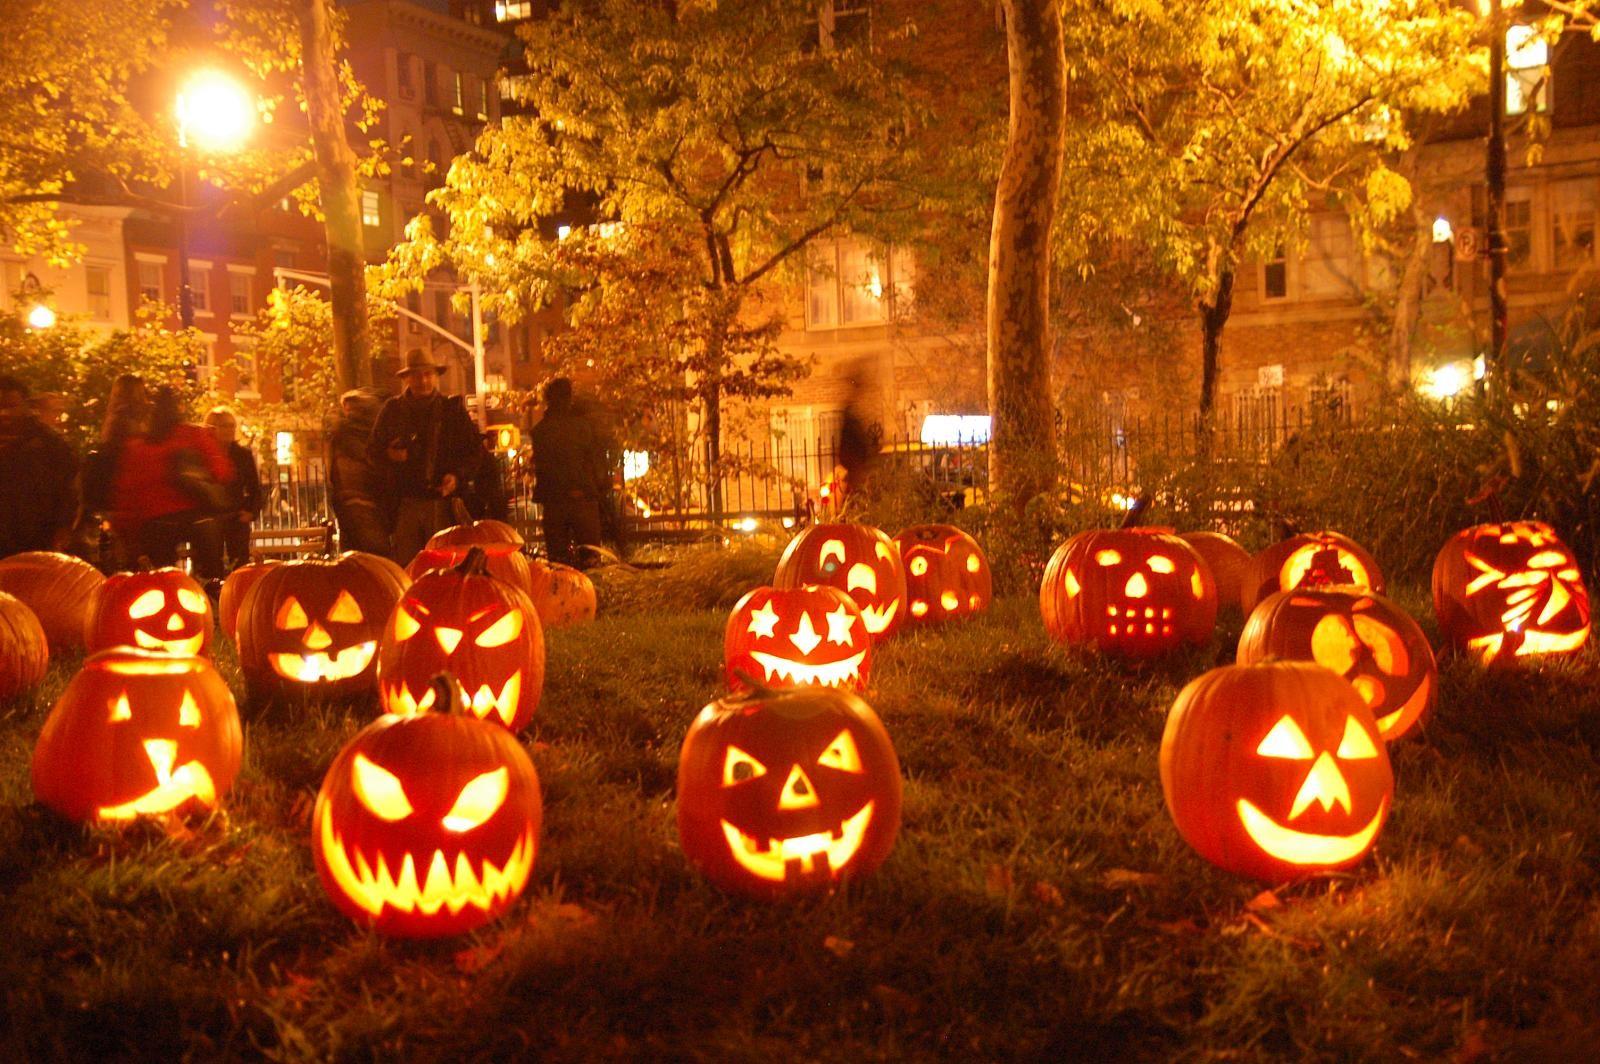 Sfondi città notte halloween zucca vacanza luci di natale